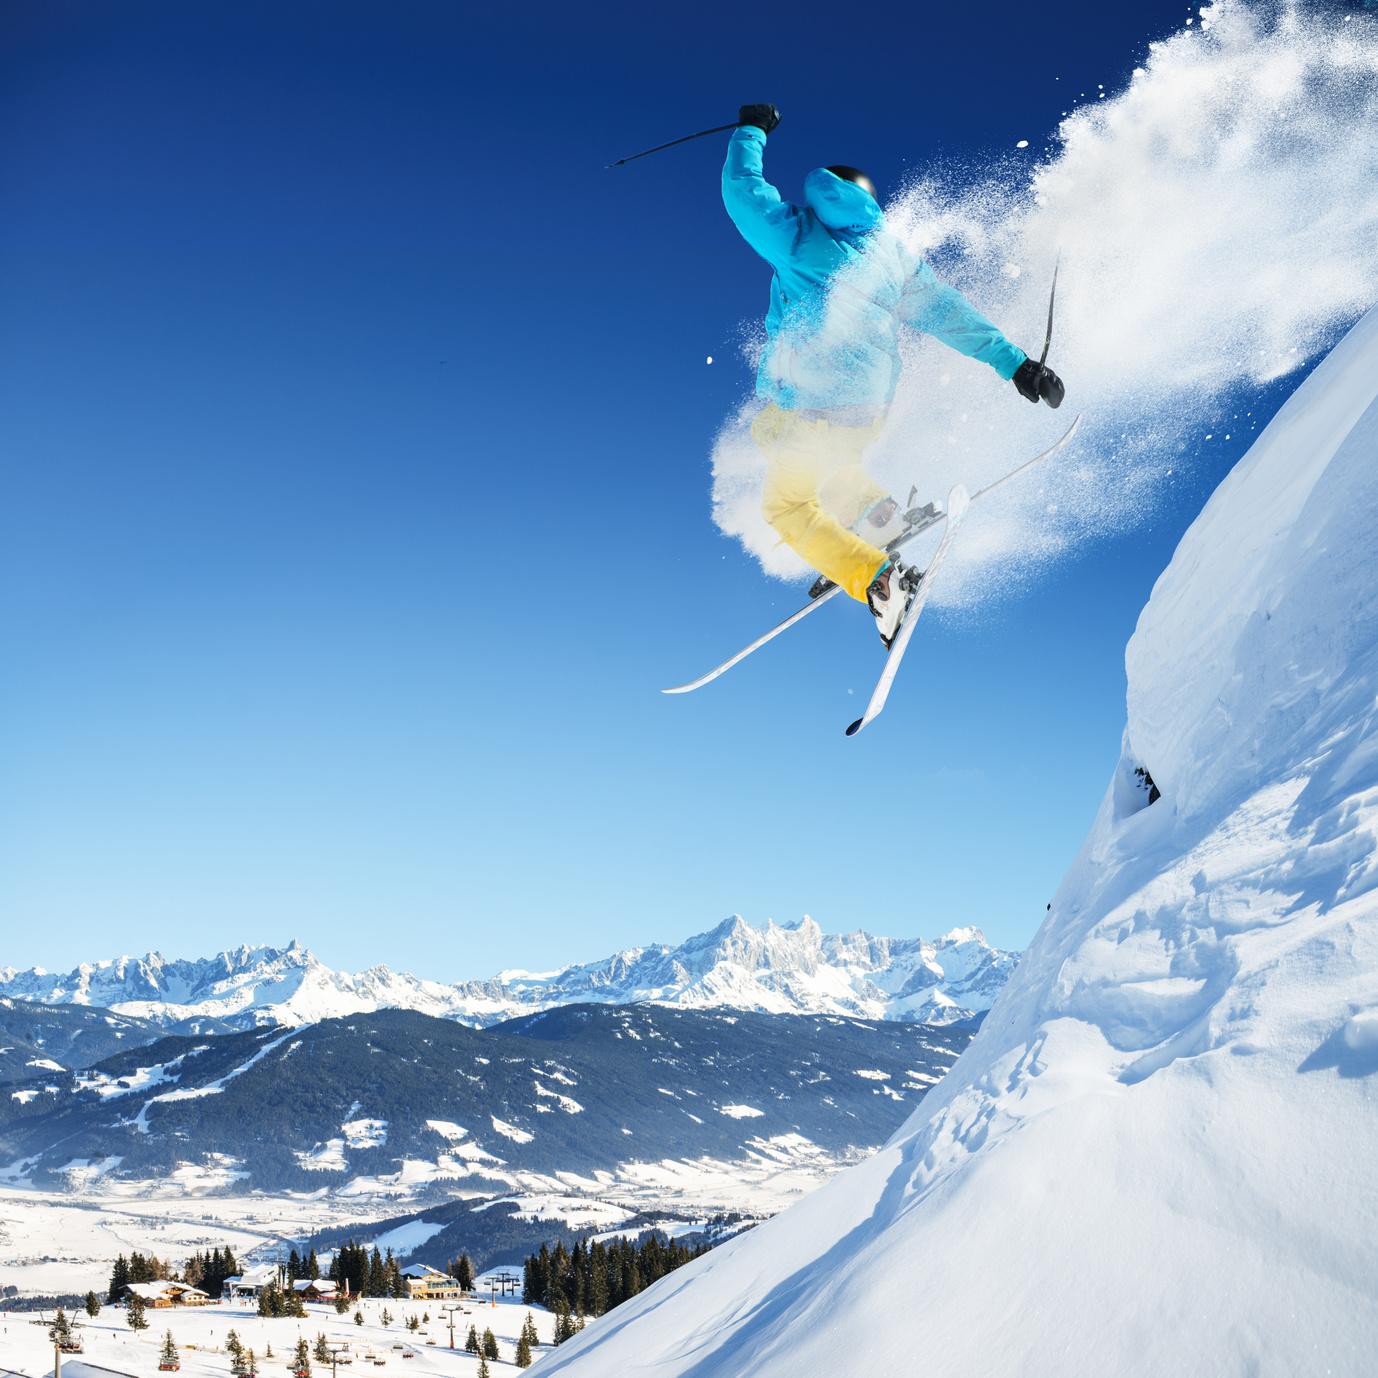 Springender Skifahrer im Tiefschnee vor blauem Himmel und verschneiter Berglandschaft.